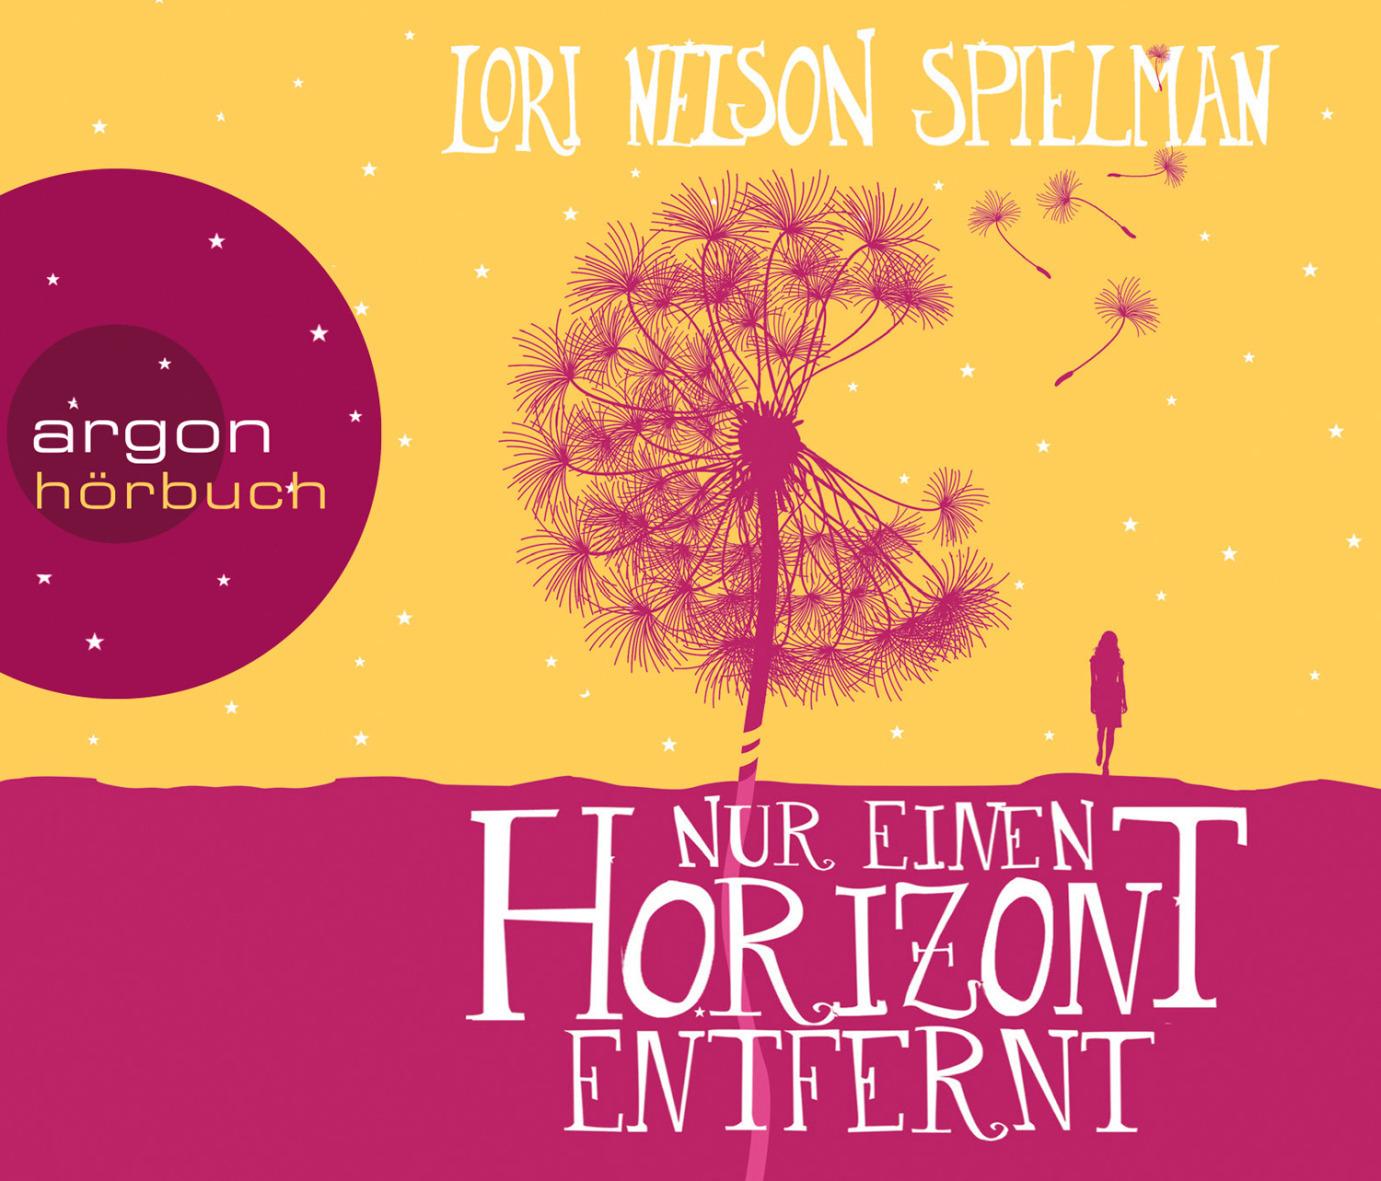 Nur einen Horizont entfernt - Lori Nelson Spielman